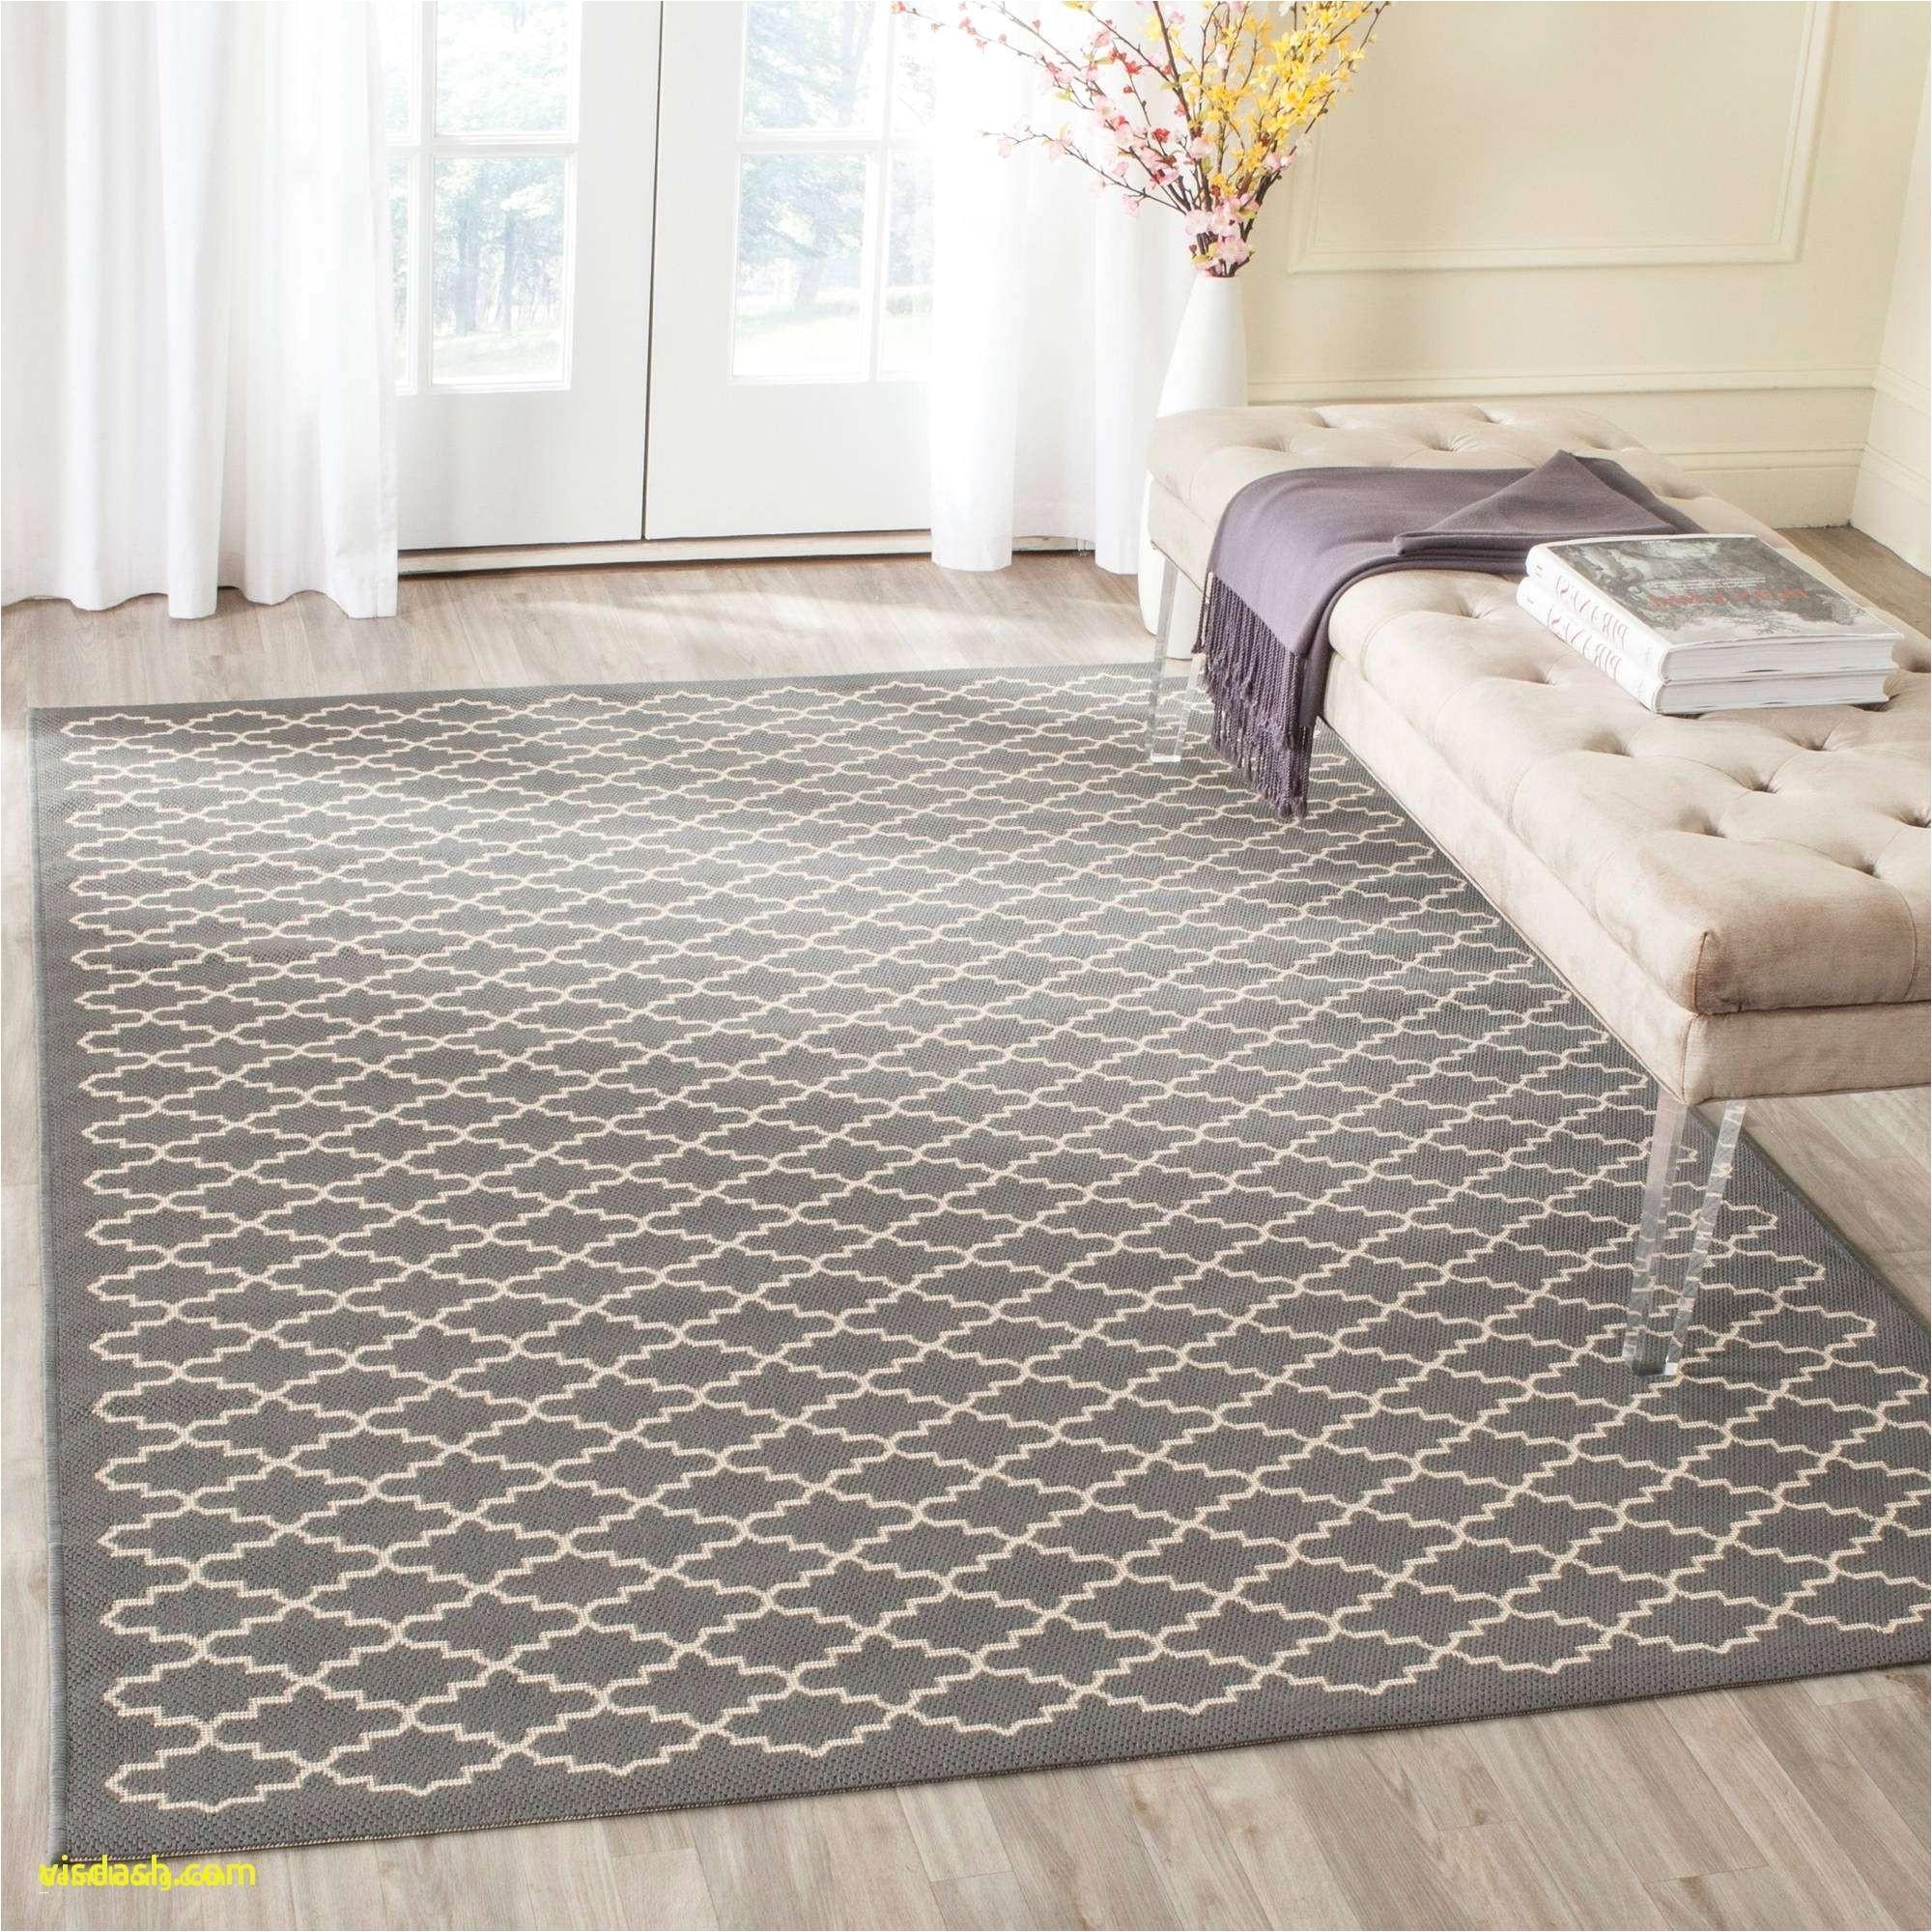 full size of home design outdoor patio rug best of wicker outdoor sofa 0d patio